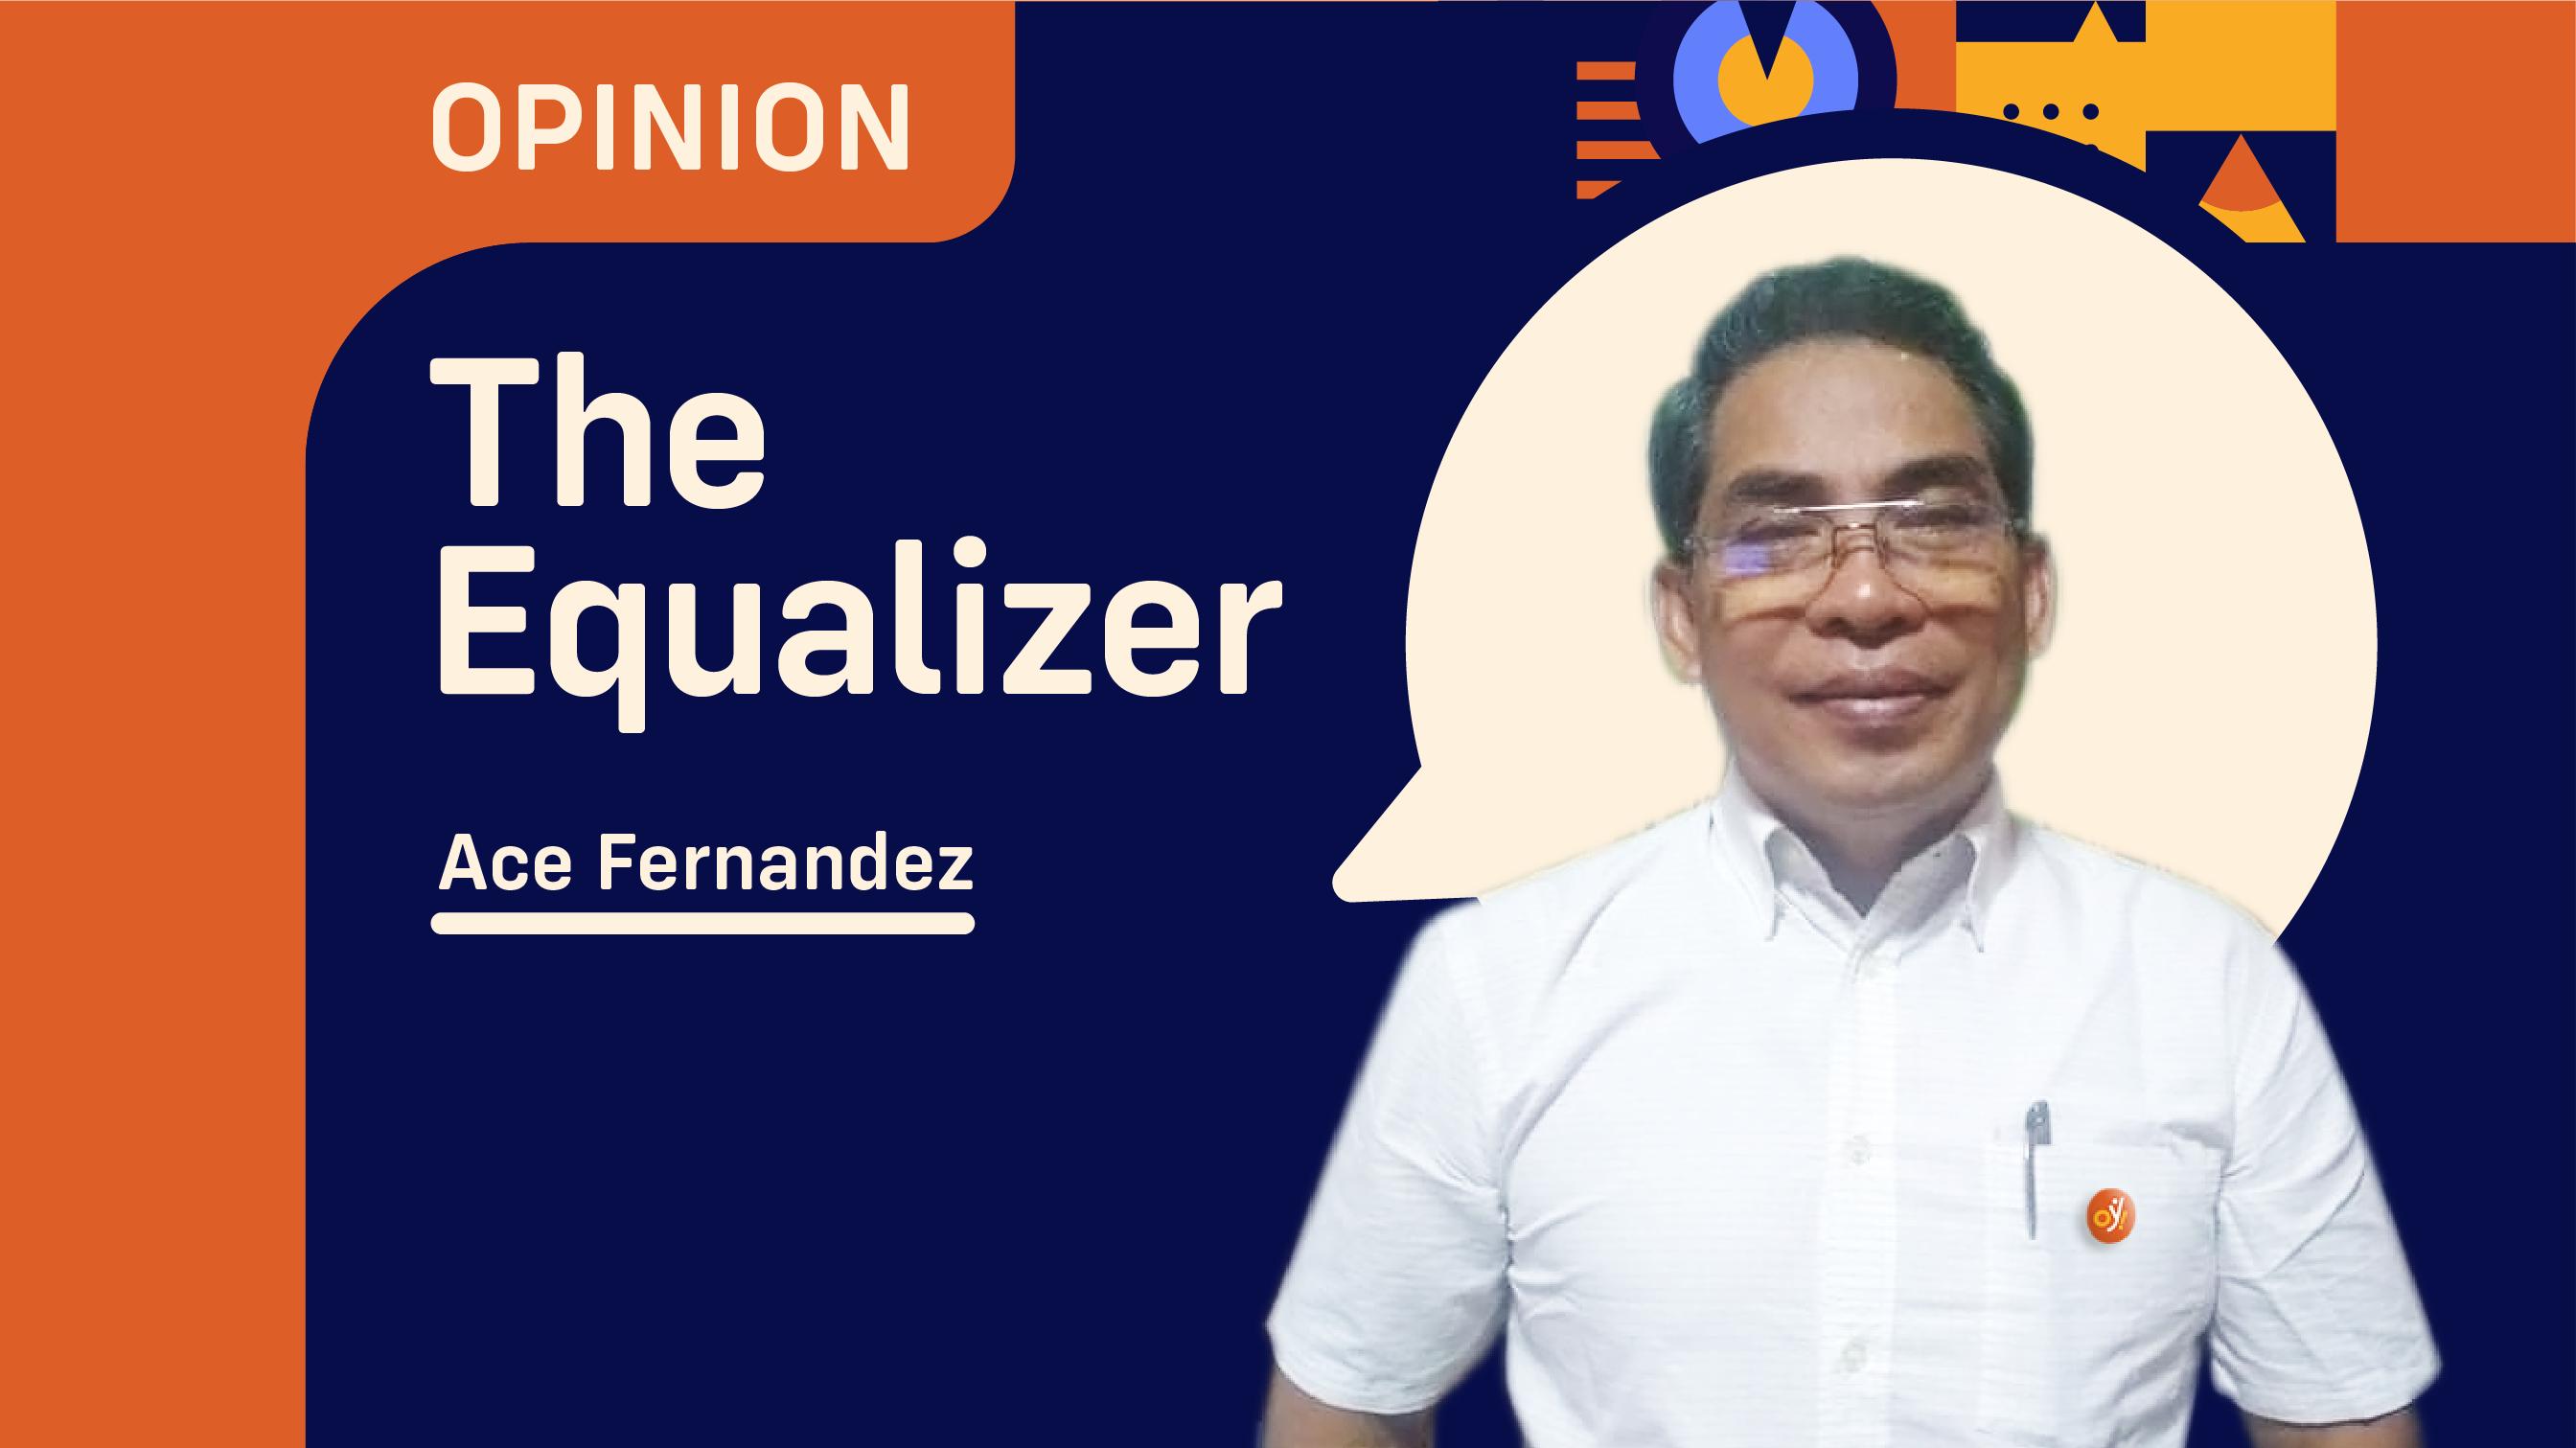 The Equalizer, Ace Fernandez